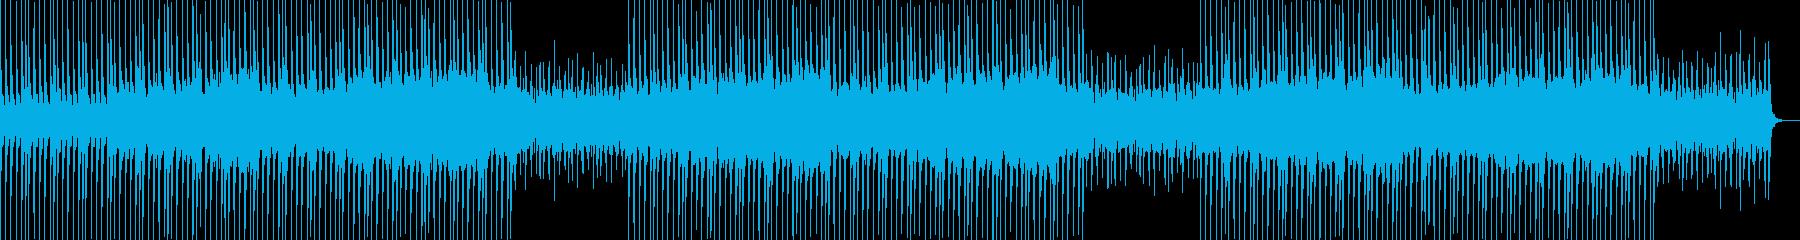 エヴァンゲリオン的・戦闘・バトル・情熱的の再生済みの波形